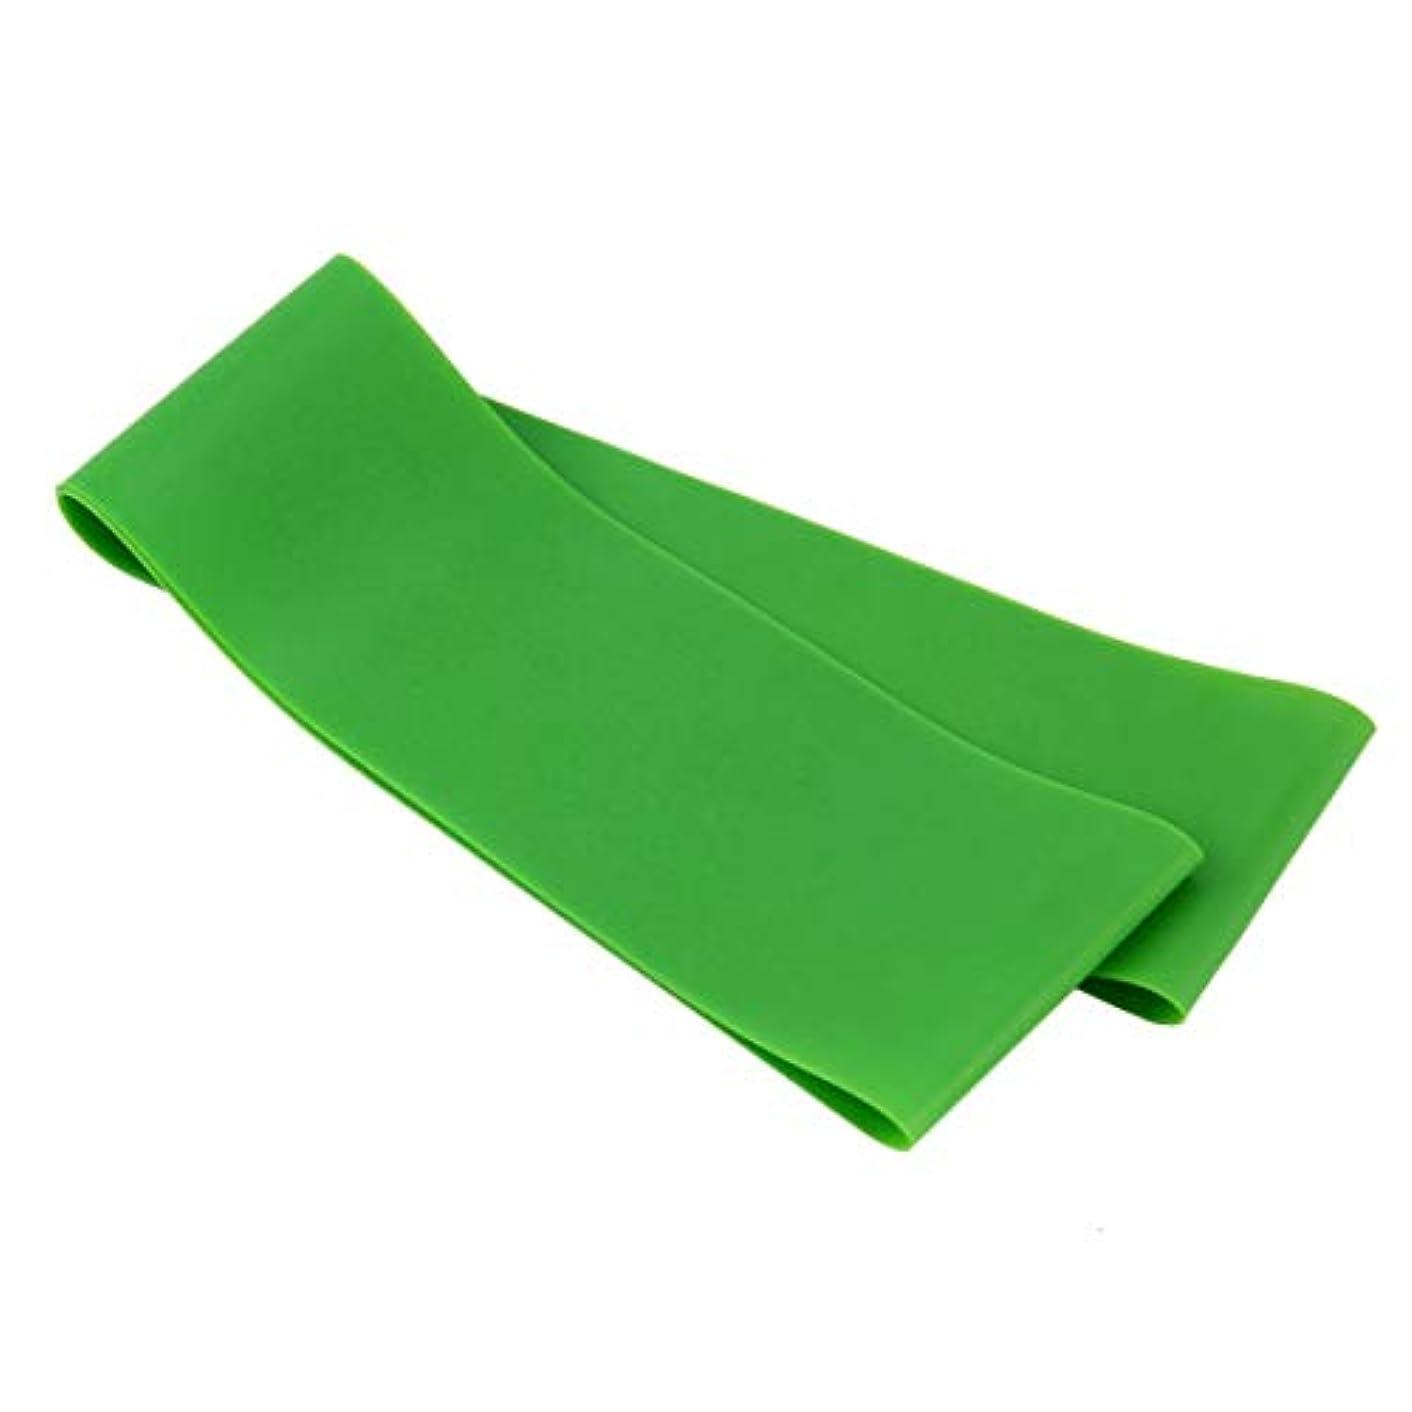 不名誉写真のねじれ滑り止め伸縮性ゴム弾性ヨガベルトバンドプルロープ張力抵抗バンドループ強度のためのフィットネスヨガツール - グリーン